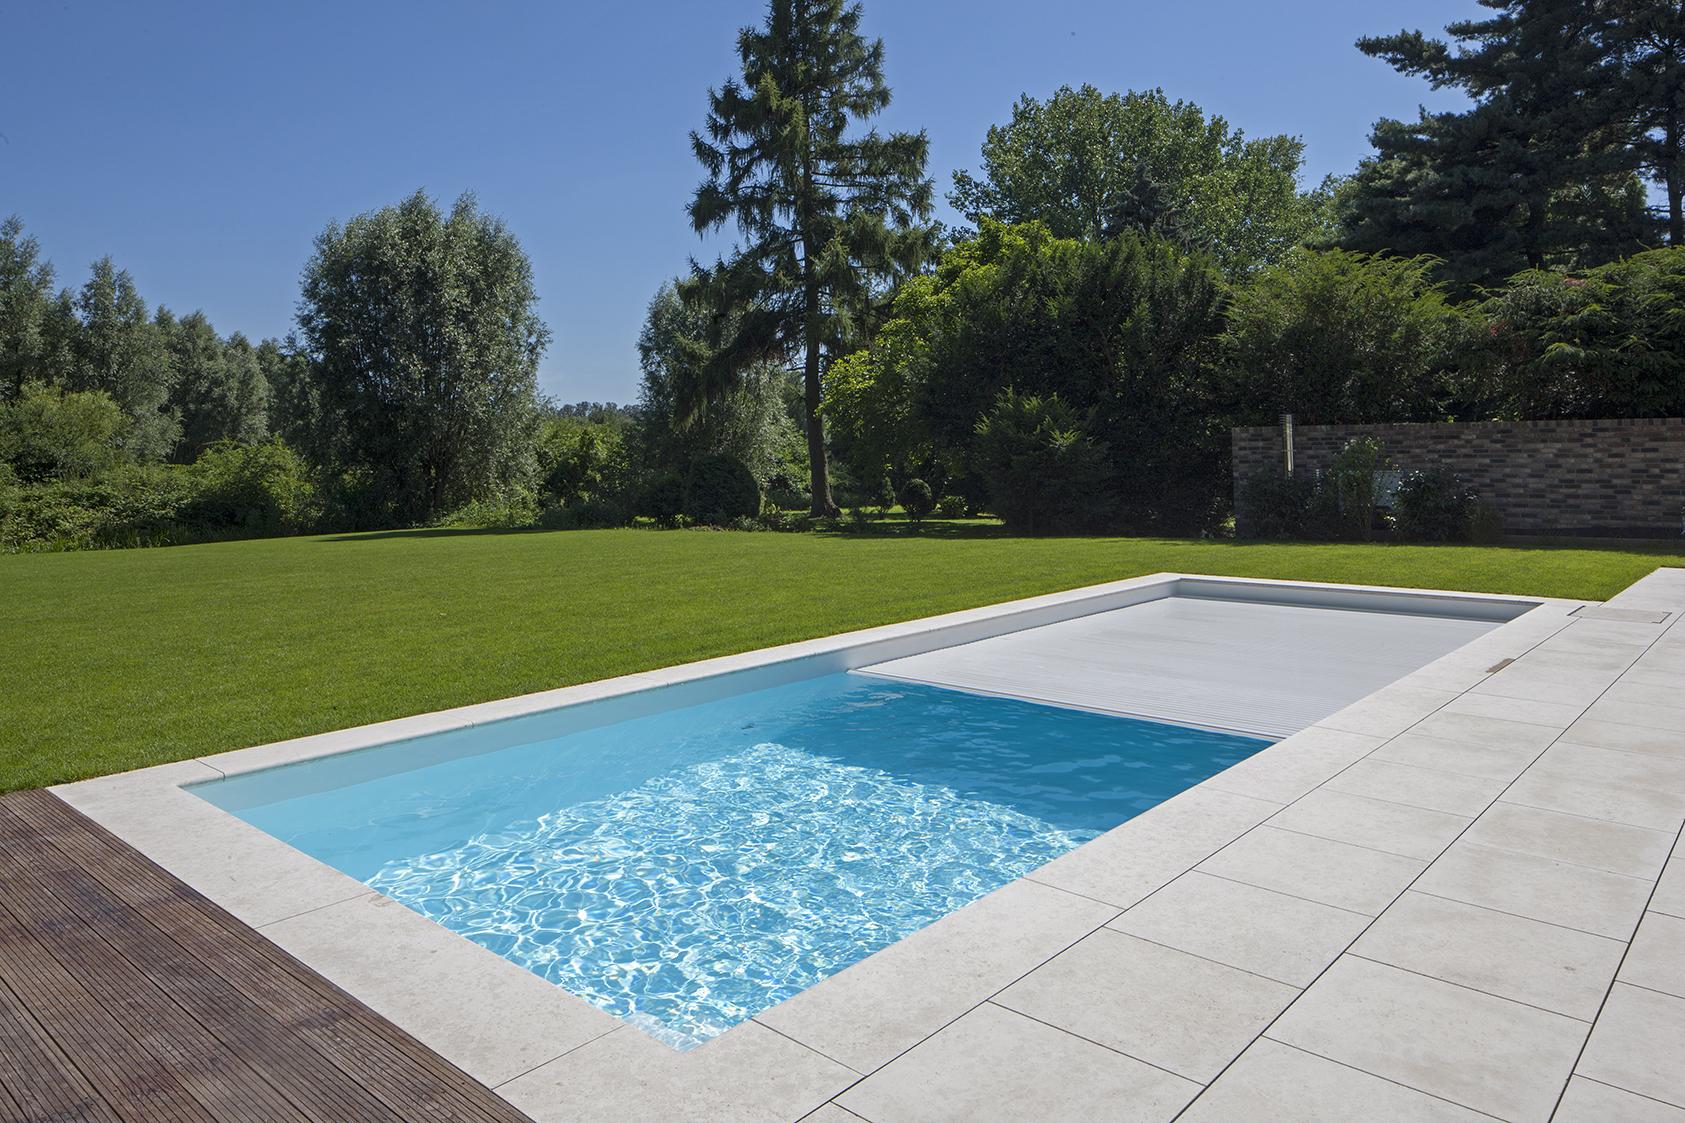 Schwimmbecken im Garten mit Abdeckung